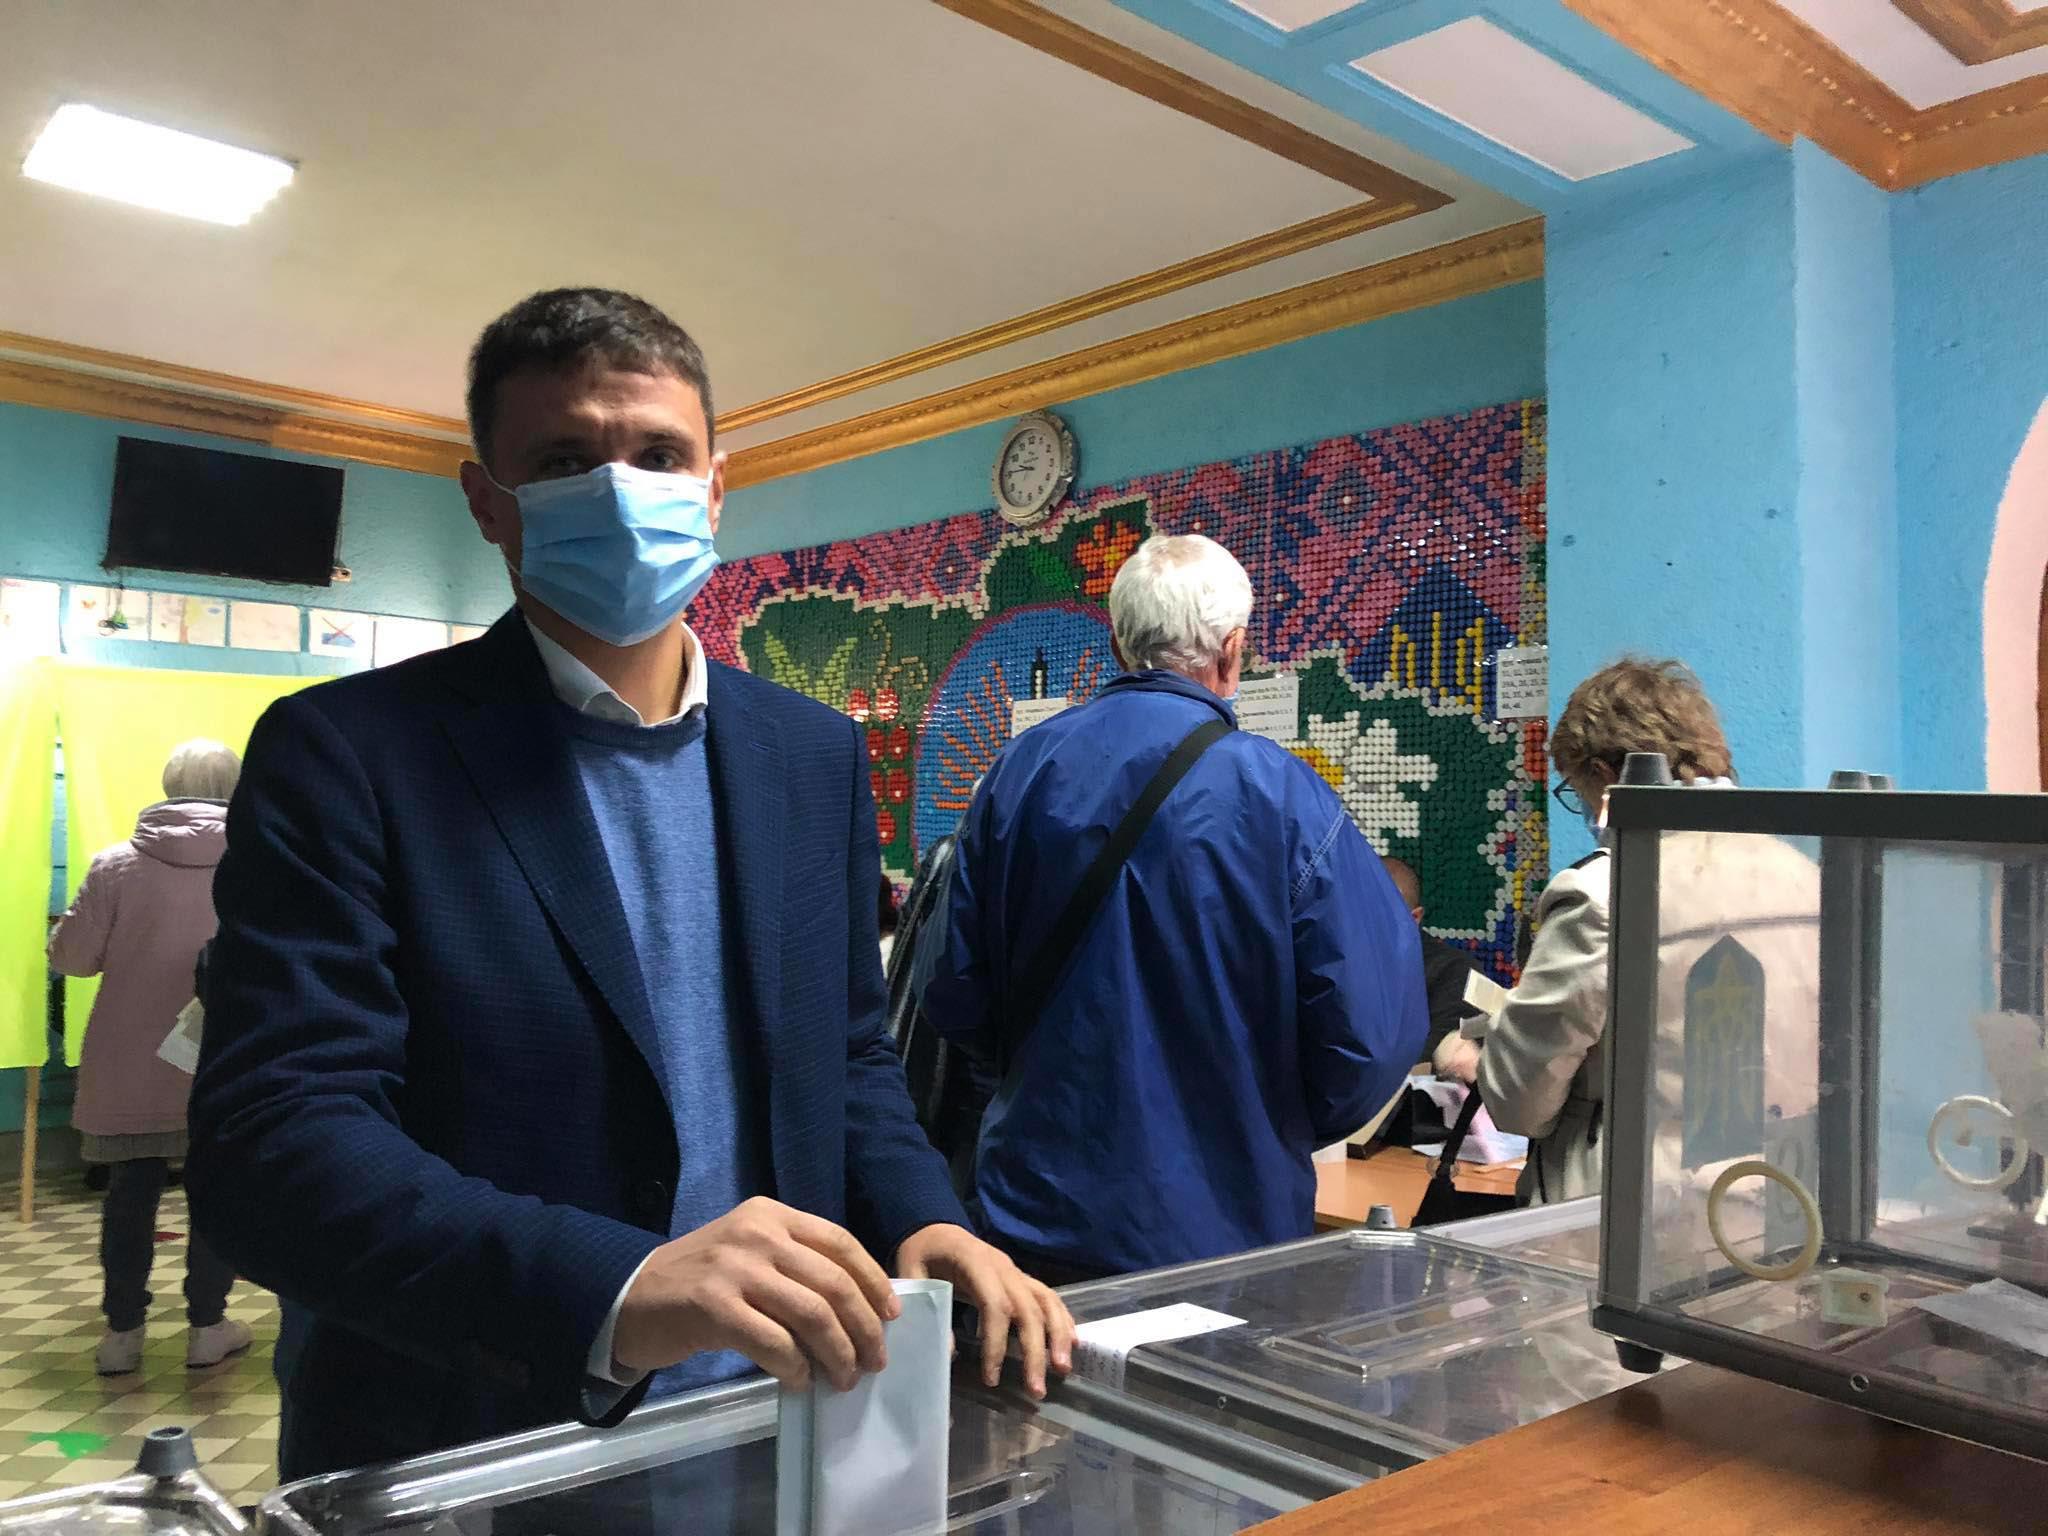 Як голосують кандидати в мери: Шкутяк виявив порушення на своїй дільниці (ФОТО, ВІДЕО)